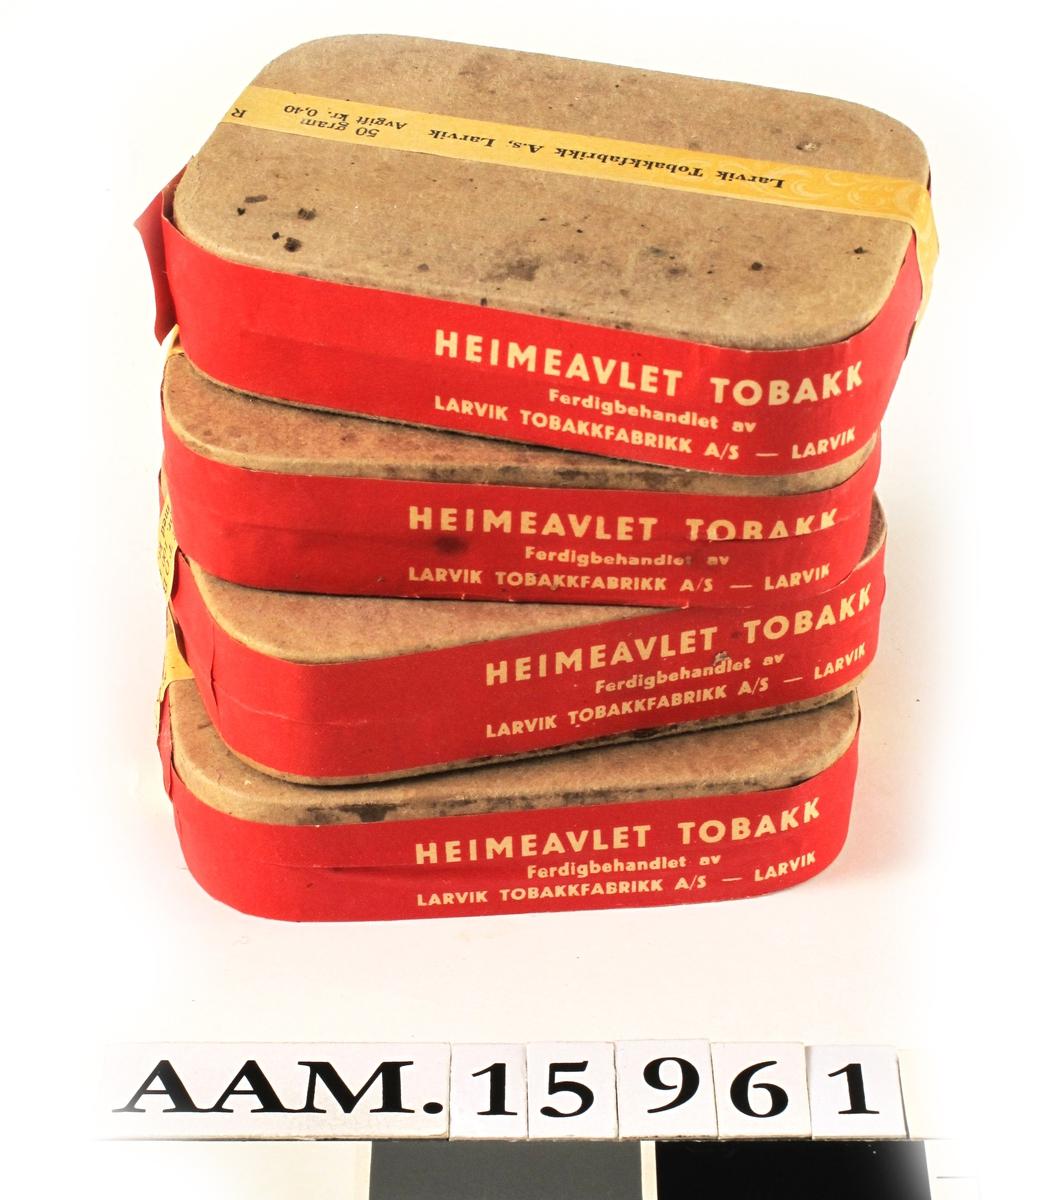 """Heimeavlet tobakk,  4 pakker. Gjerstad.  Grå pappesker, avrundede hjørner, rødt papir  rundt sidene, tvers over gult bånd med tekst:     Larvik Tobakkfabrikk A. S, Larvik.   50 gram Avgift   kr. 0,40. Røyketobakk.   Verdi pr. 100 gram til og med kr. 4,00.  På det røde bånd:   Heimeavlet tobakk. Ferdigbehandlet av Larvik Tobakkfabrikk A/S   Larvik."""""""